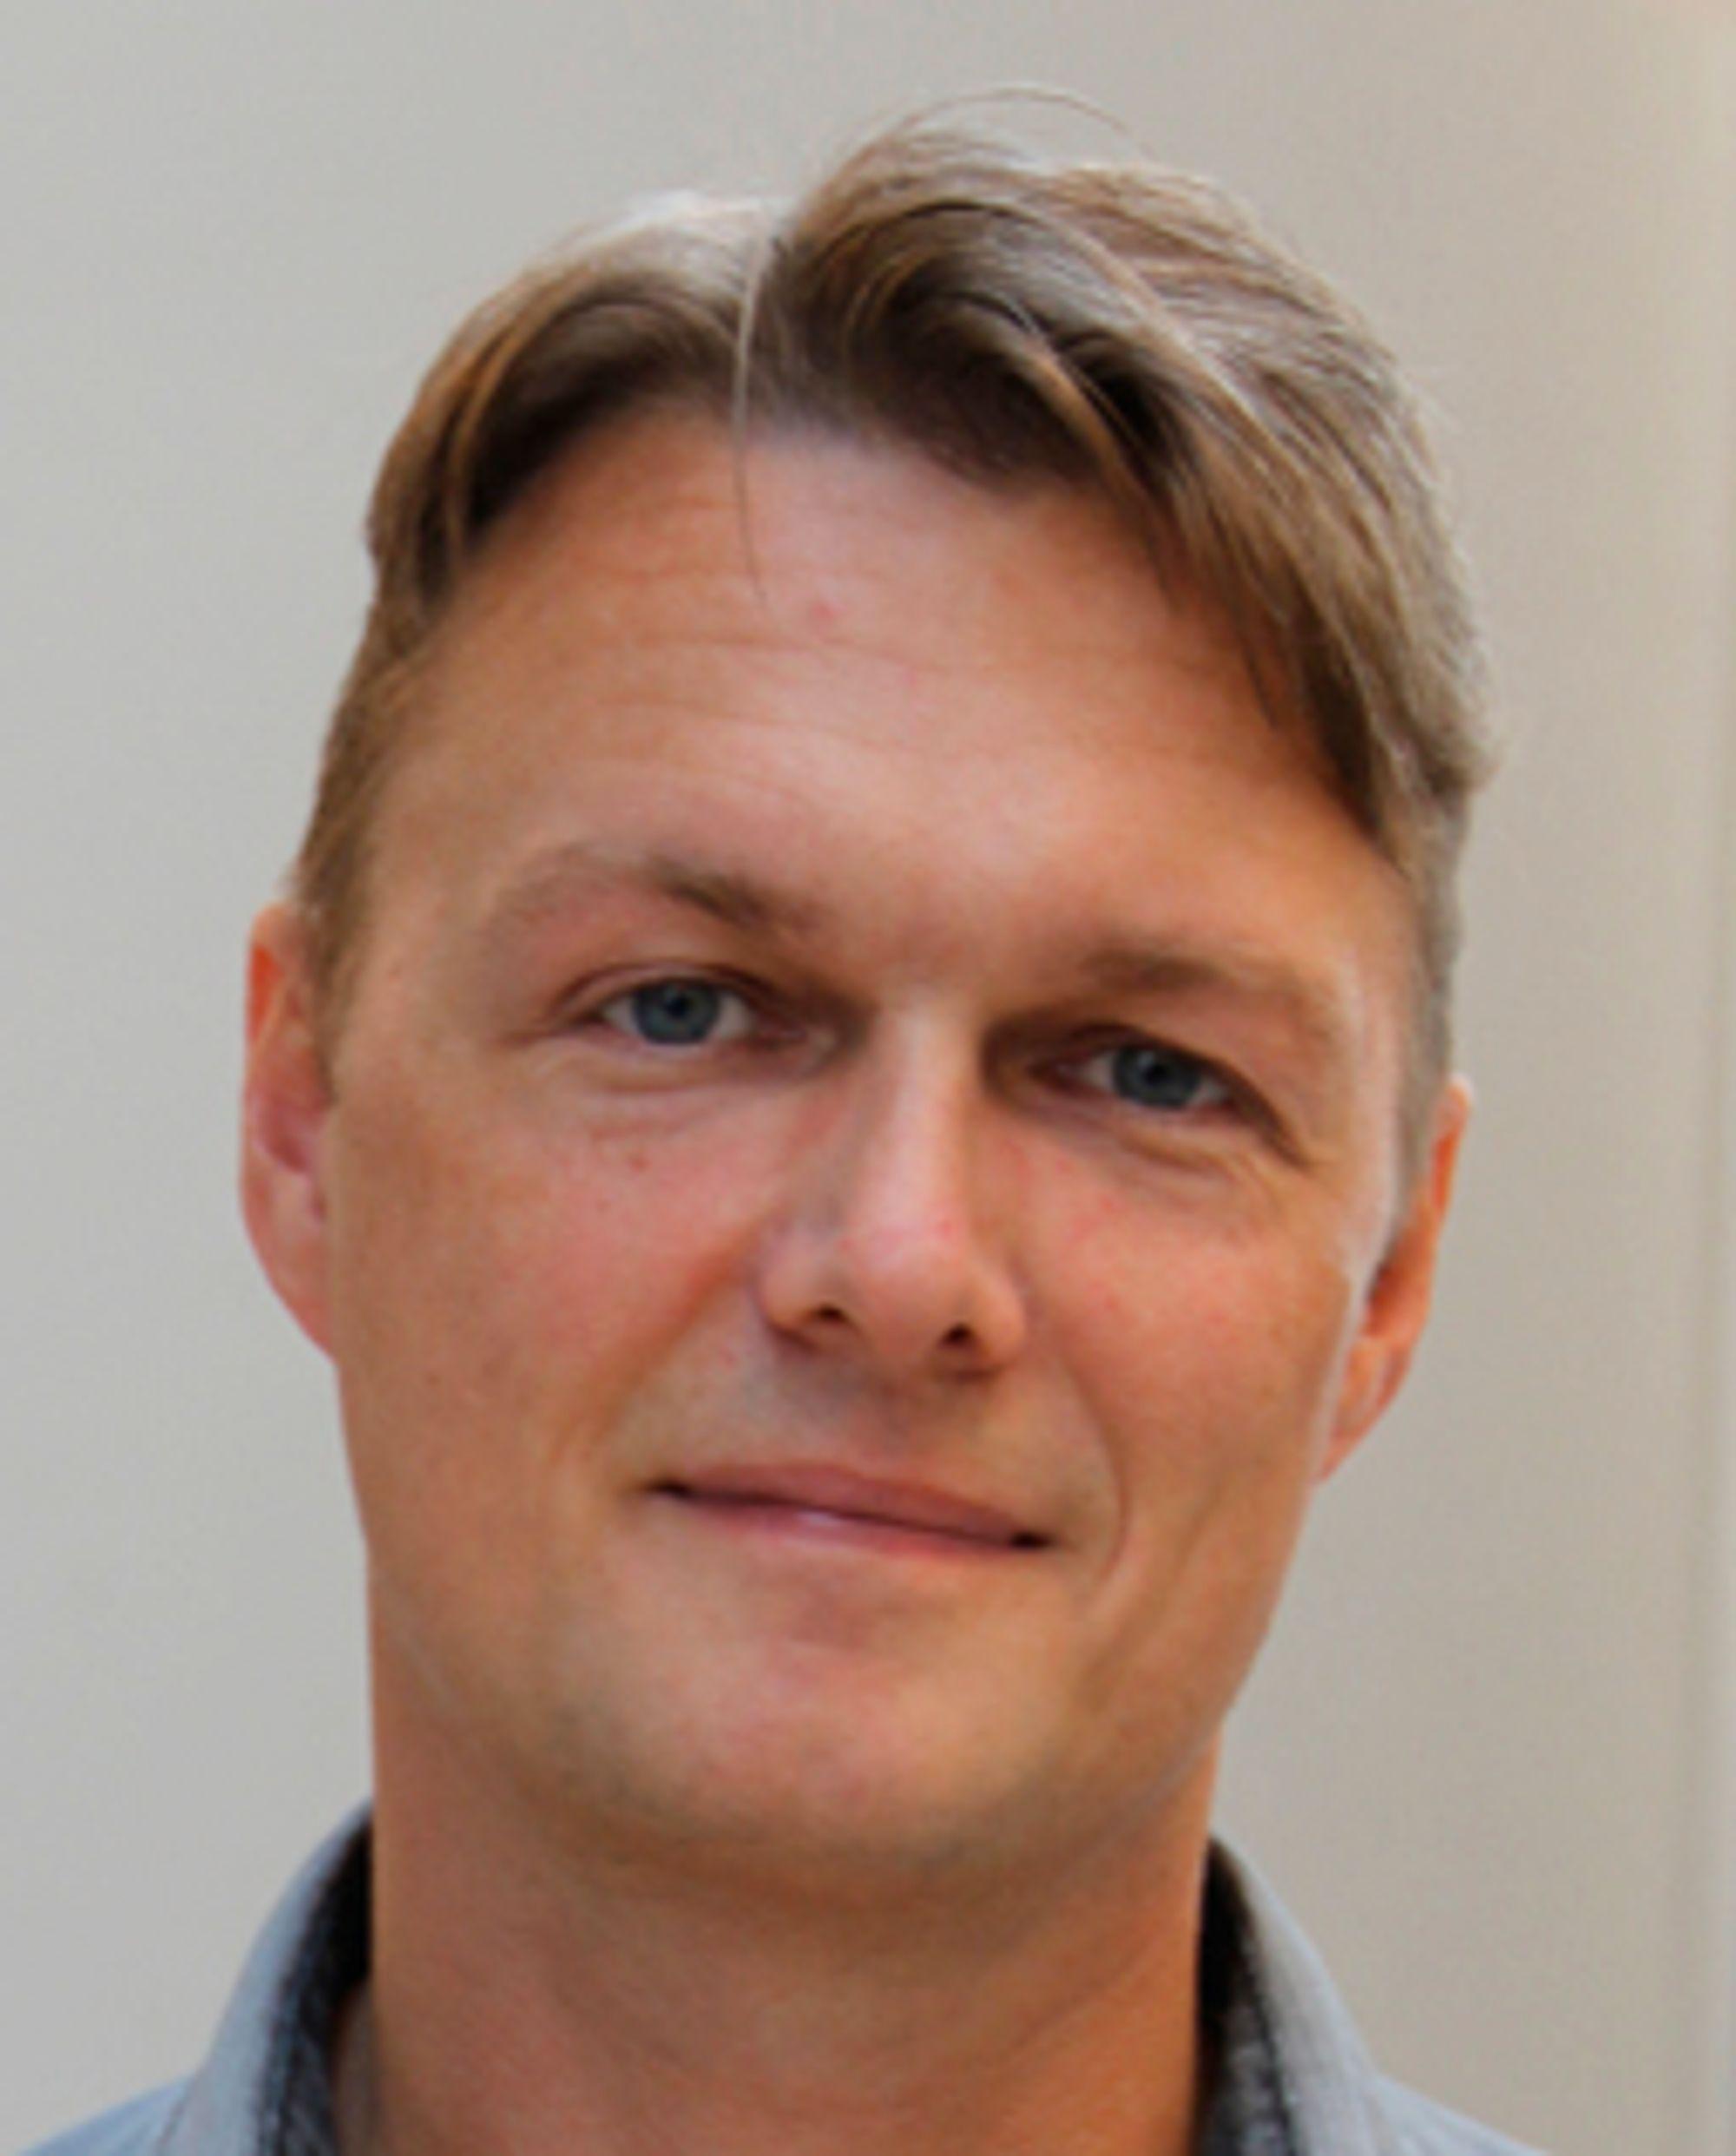 Faltin Karlsen, førsteamanuensis ved NiTH, var skeptisk til enkelte av forskningsrapportene. (Foto: joingame.org)